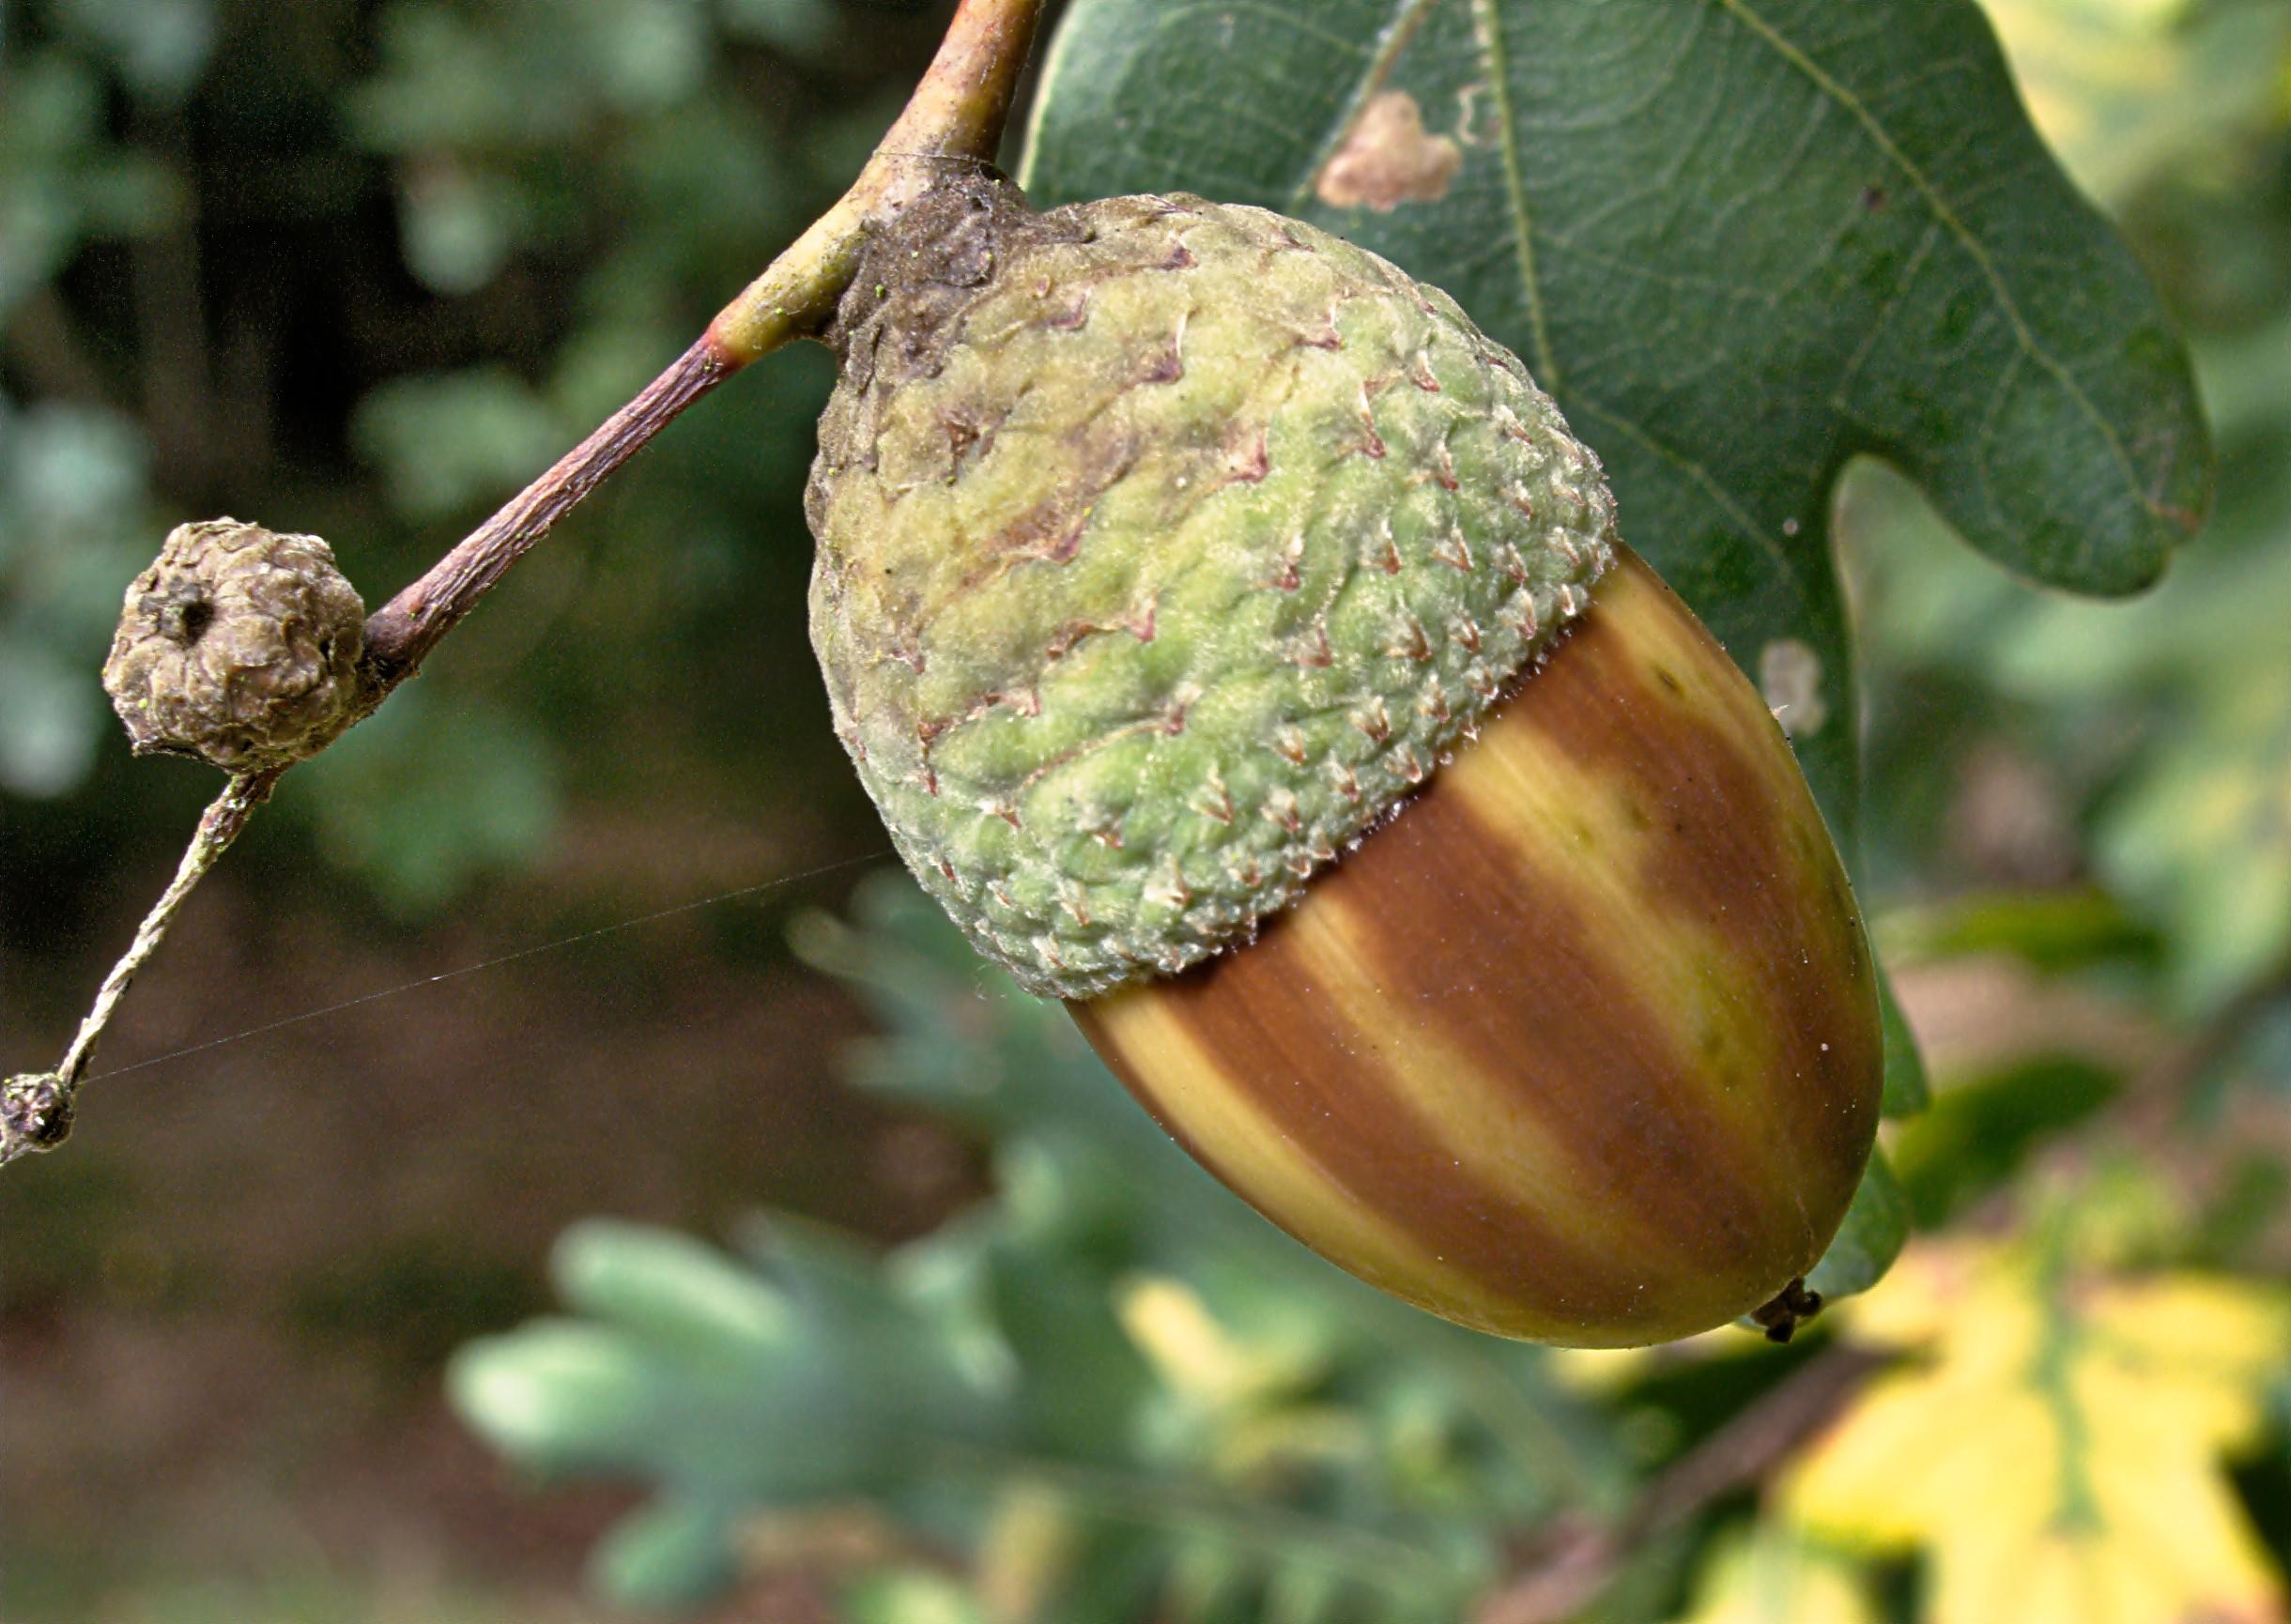 Картинка плодов дуба